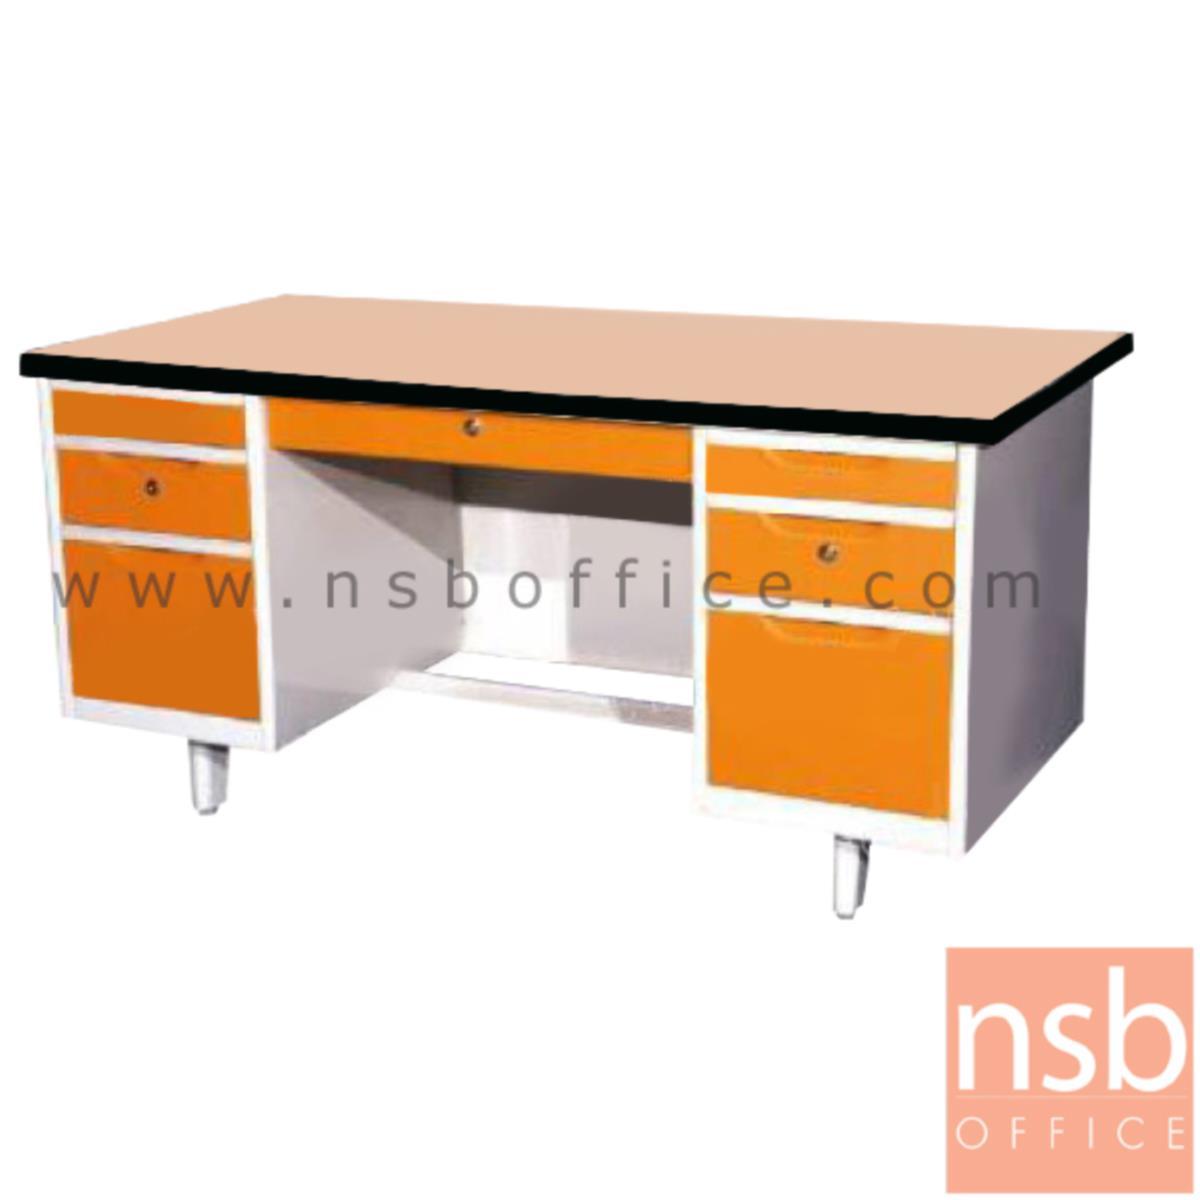 E02A050:โต๊ะทำงานเหล็กหน้า TOP ไม้เมลามีน 7 ลิ้นชัก รุ่น EL-45 ขนาด 4.5ฟุต, 5ฟุต